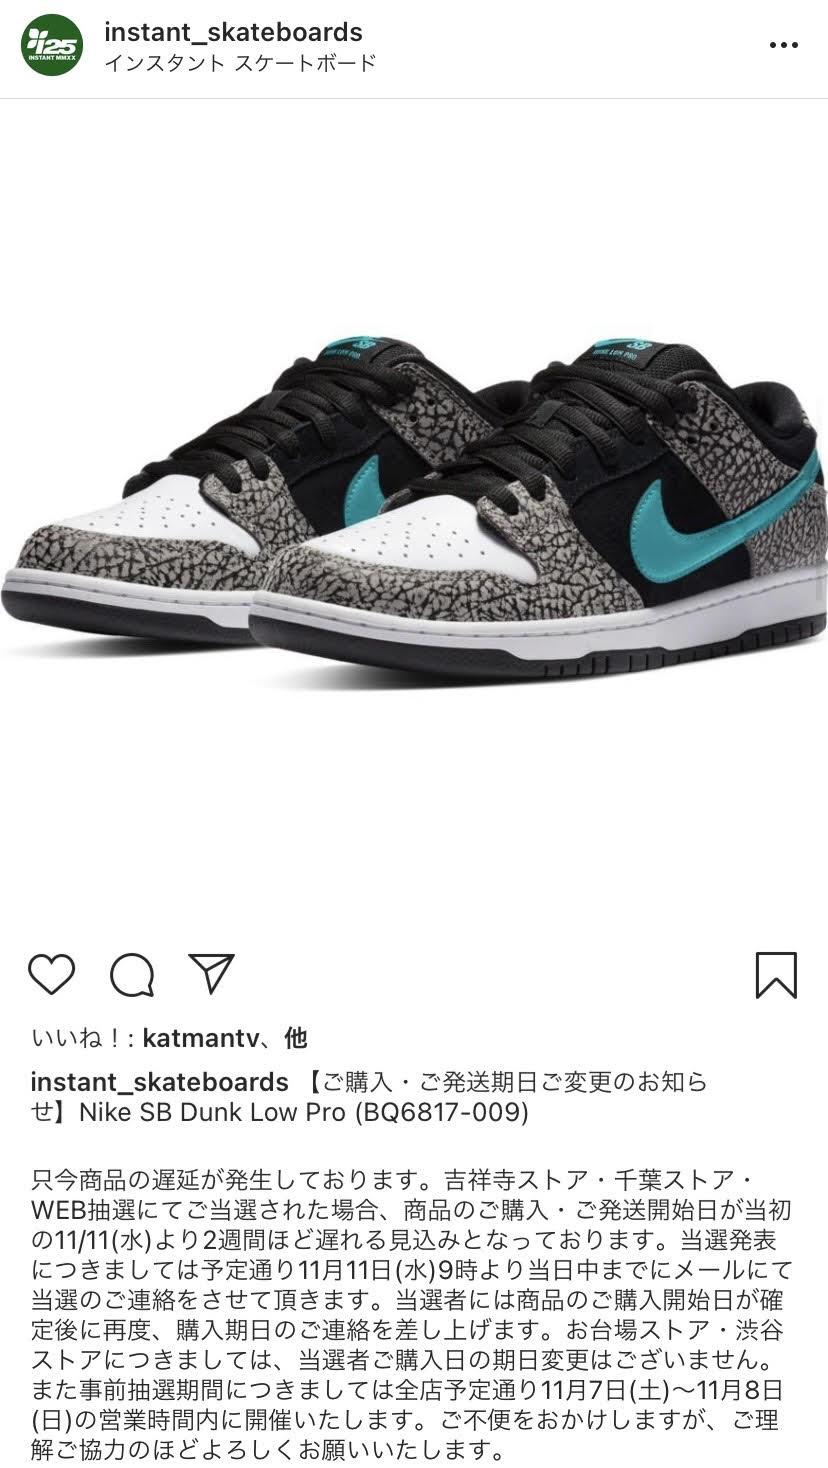 ナイキ SB ダンク ロー エレファント Nike SB Dunk Low Elephant BQ6817-009 instant skateboard